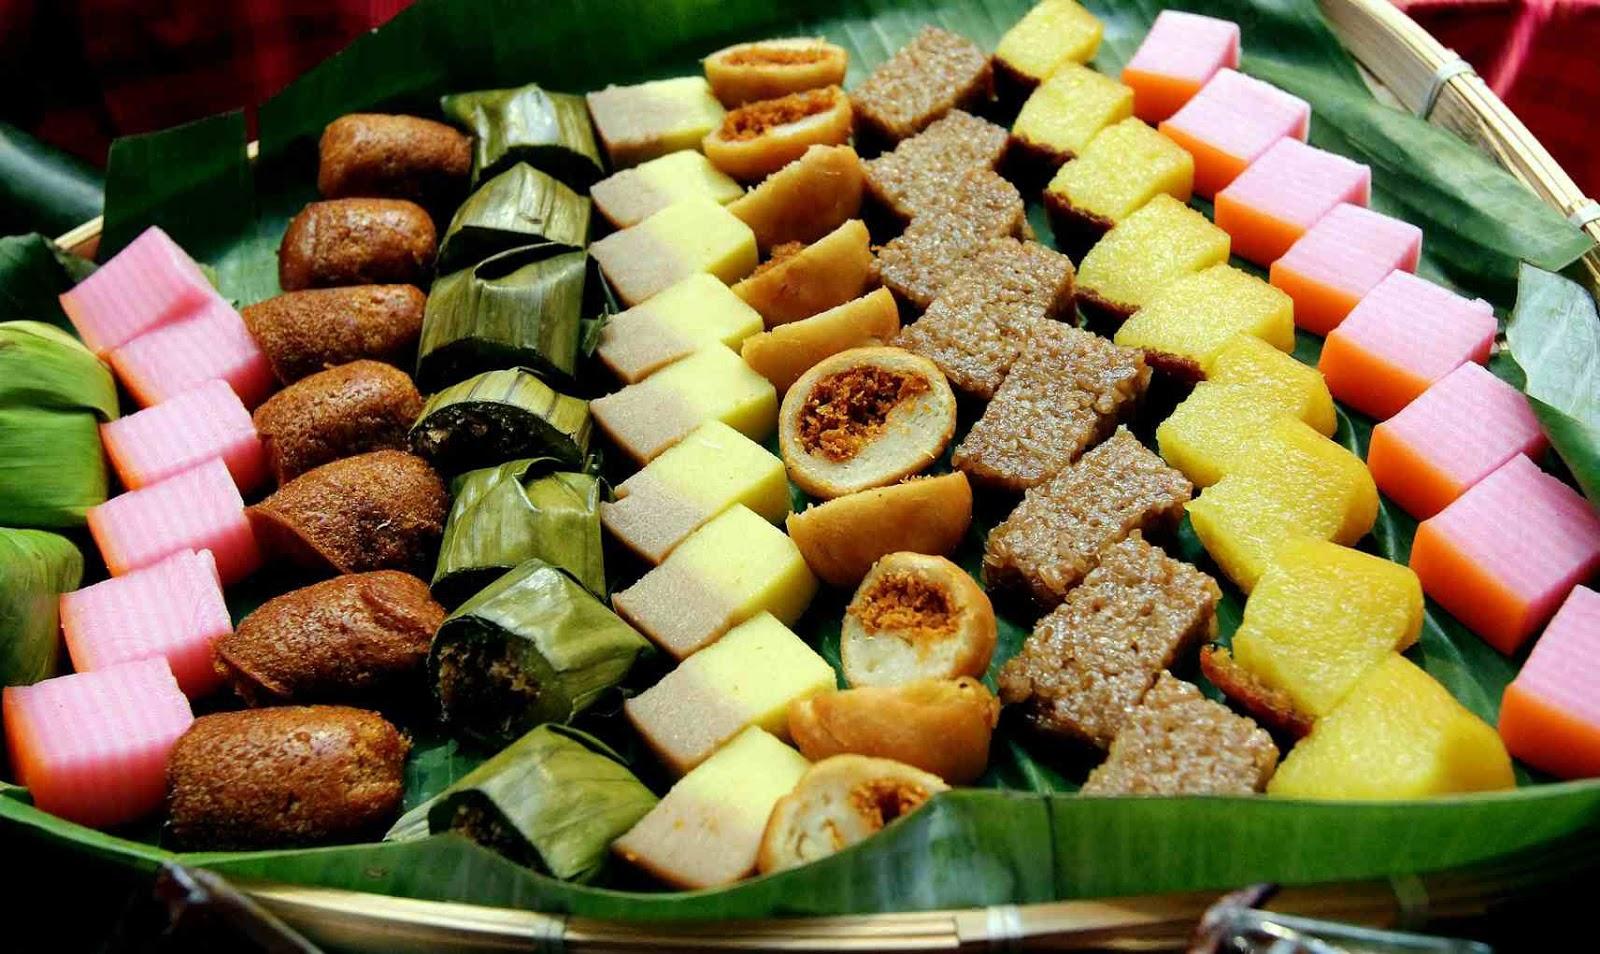 kuih muih malaysia tradisional traditional dessert malay makanan untuk idea desserts kuali hotel yang kacang dengan armada potluck hijau zaman